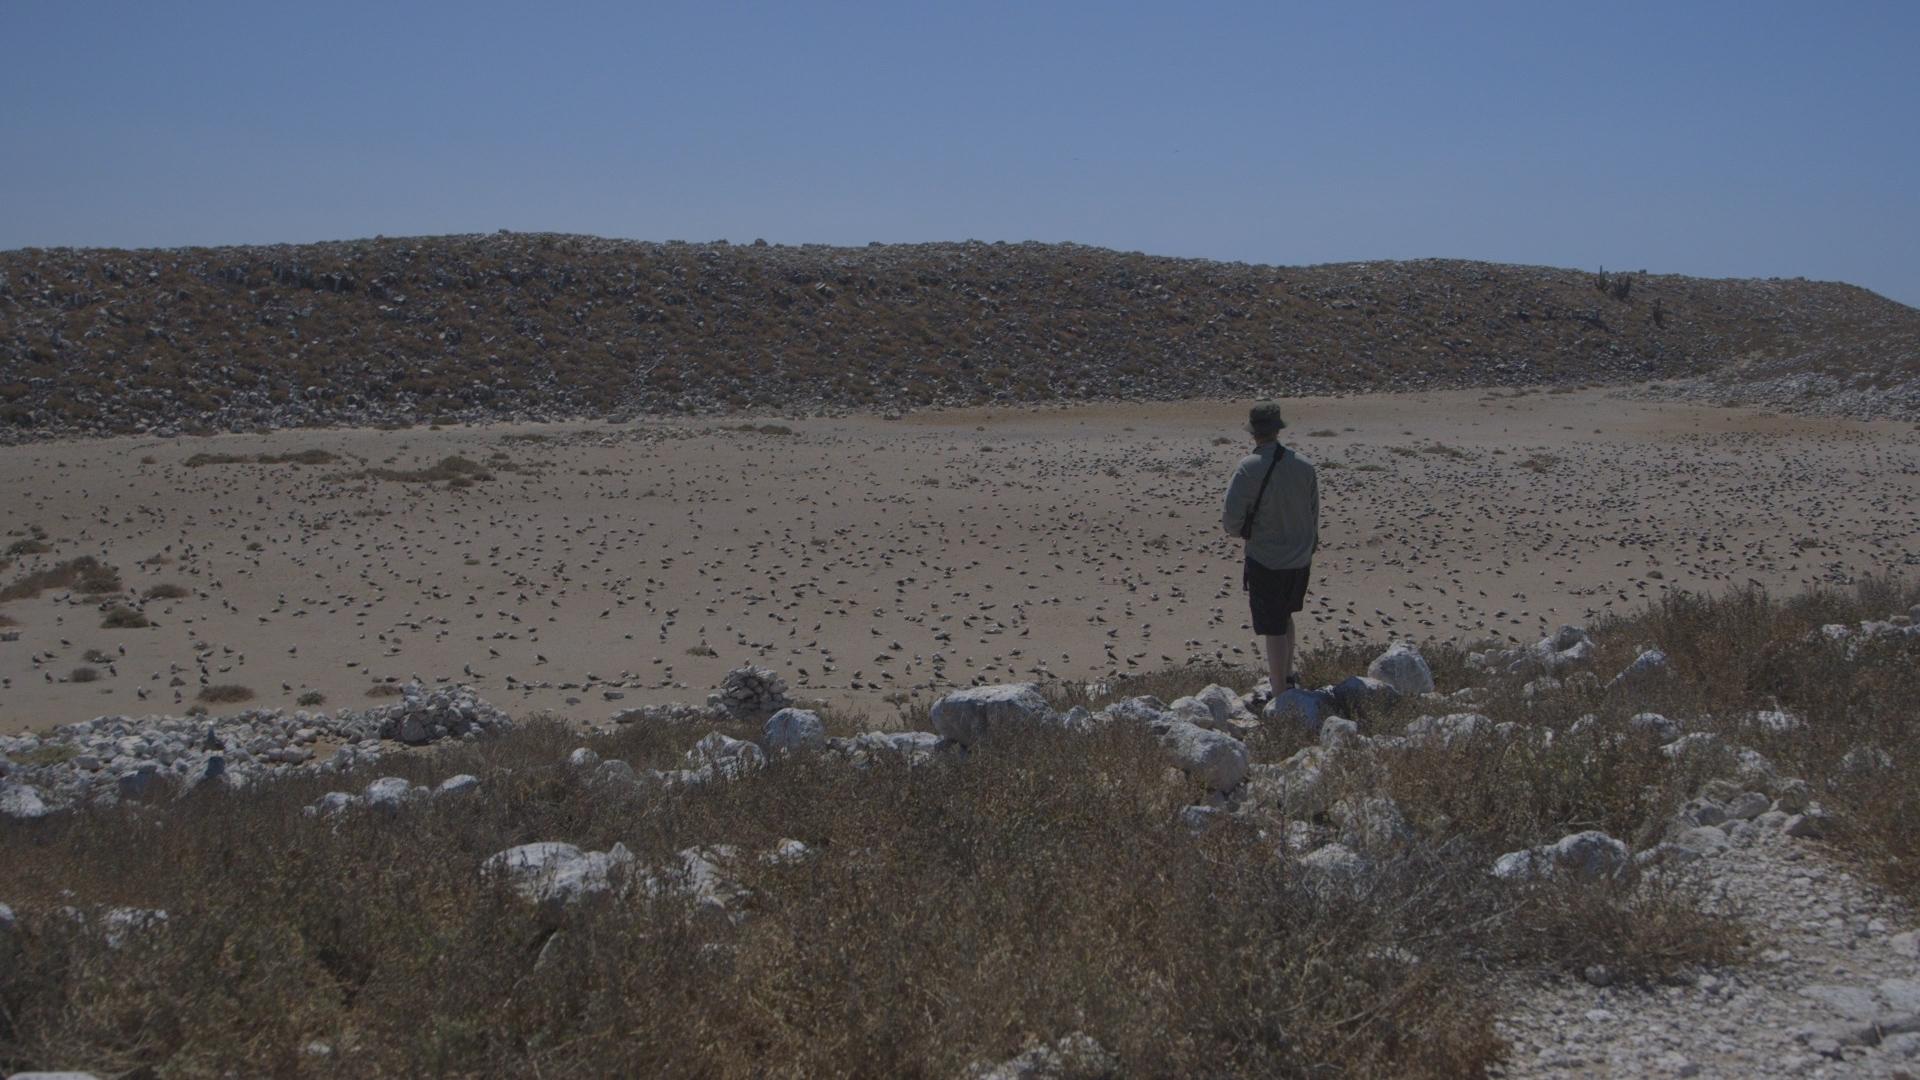 Greg Overlooking Dry Valley.jpg